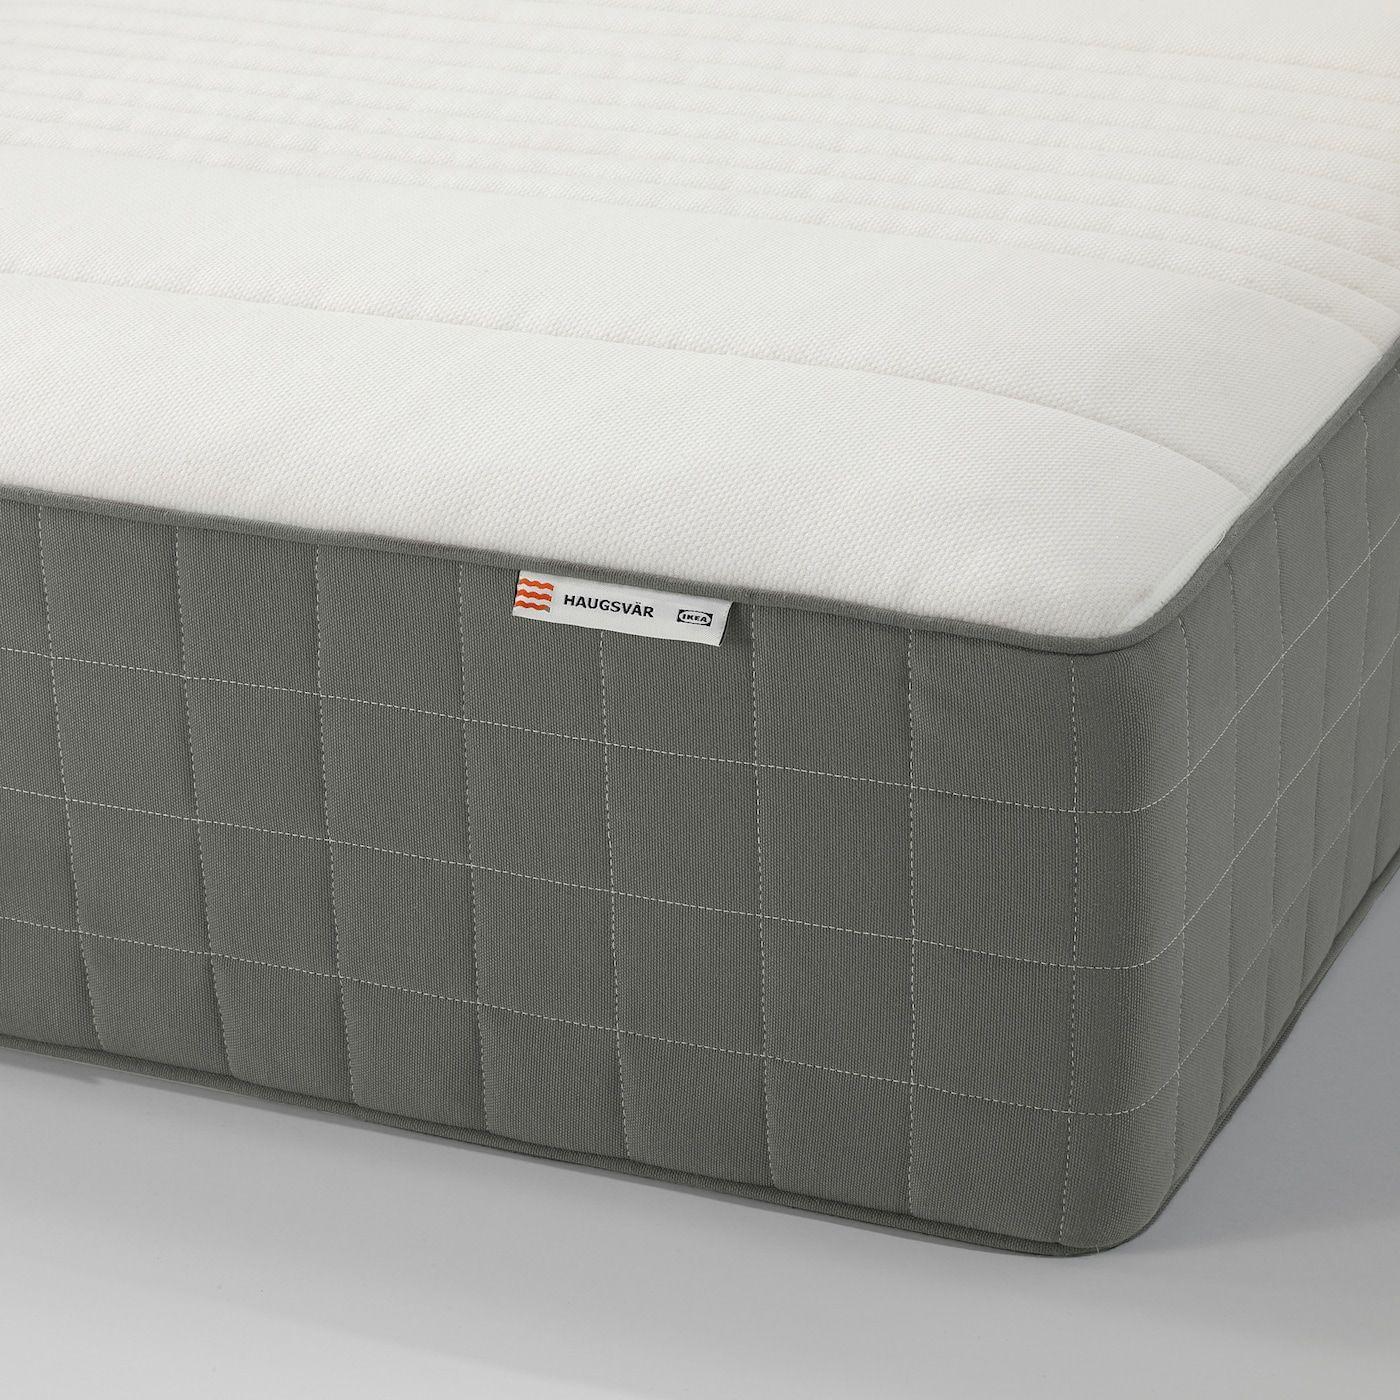 HAUGSVÄR Hybrid mattress medium firm, dark gray. Shop